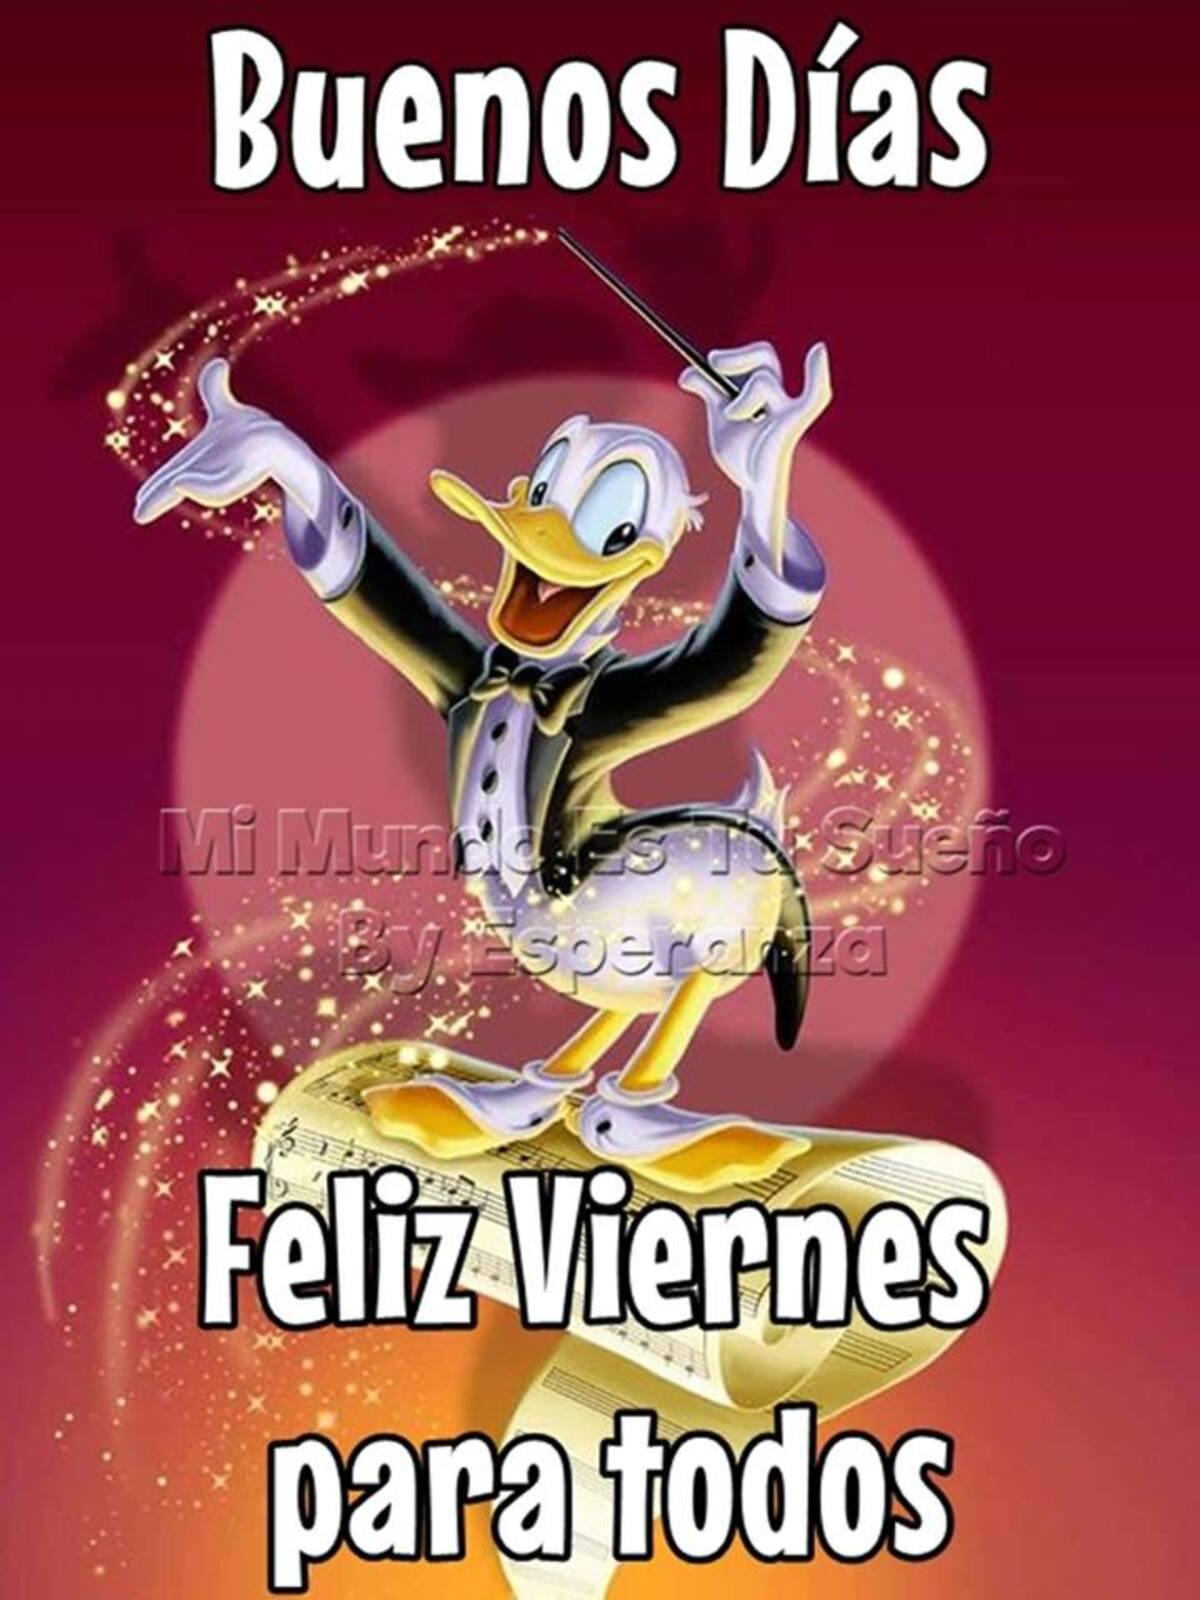 Buenos Días Feliz Viernes para todos